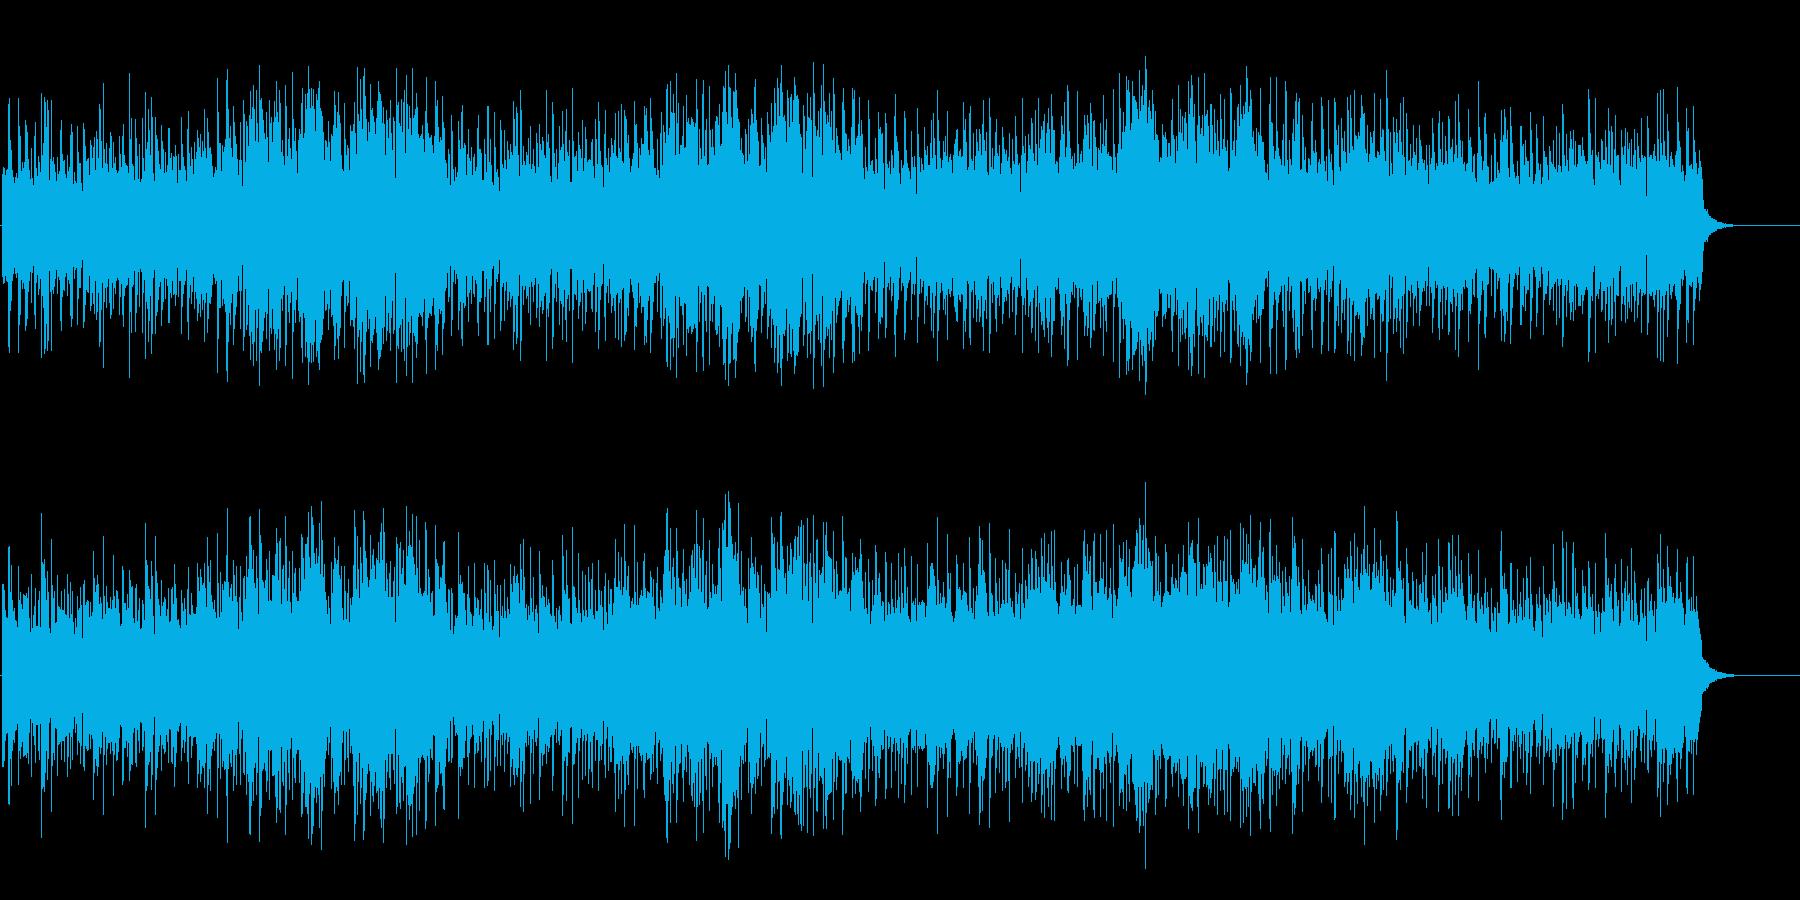 深海の浮遊感漂うワールド音楽風環境の再生済みの波形